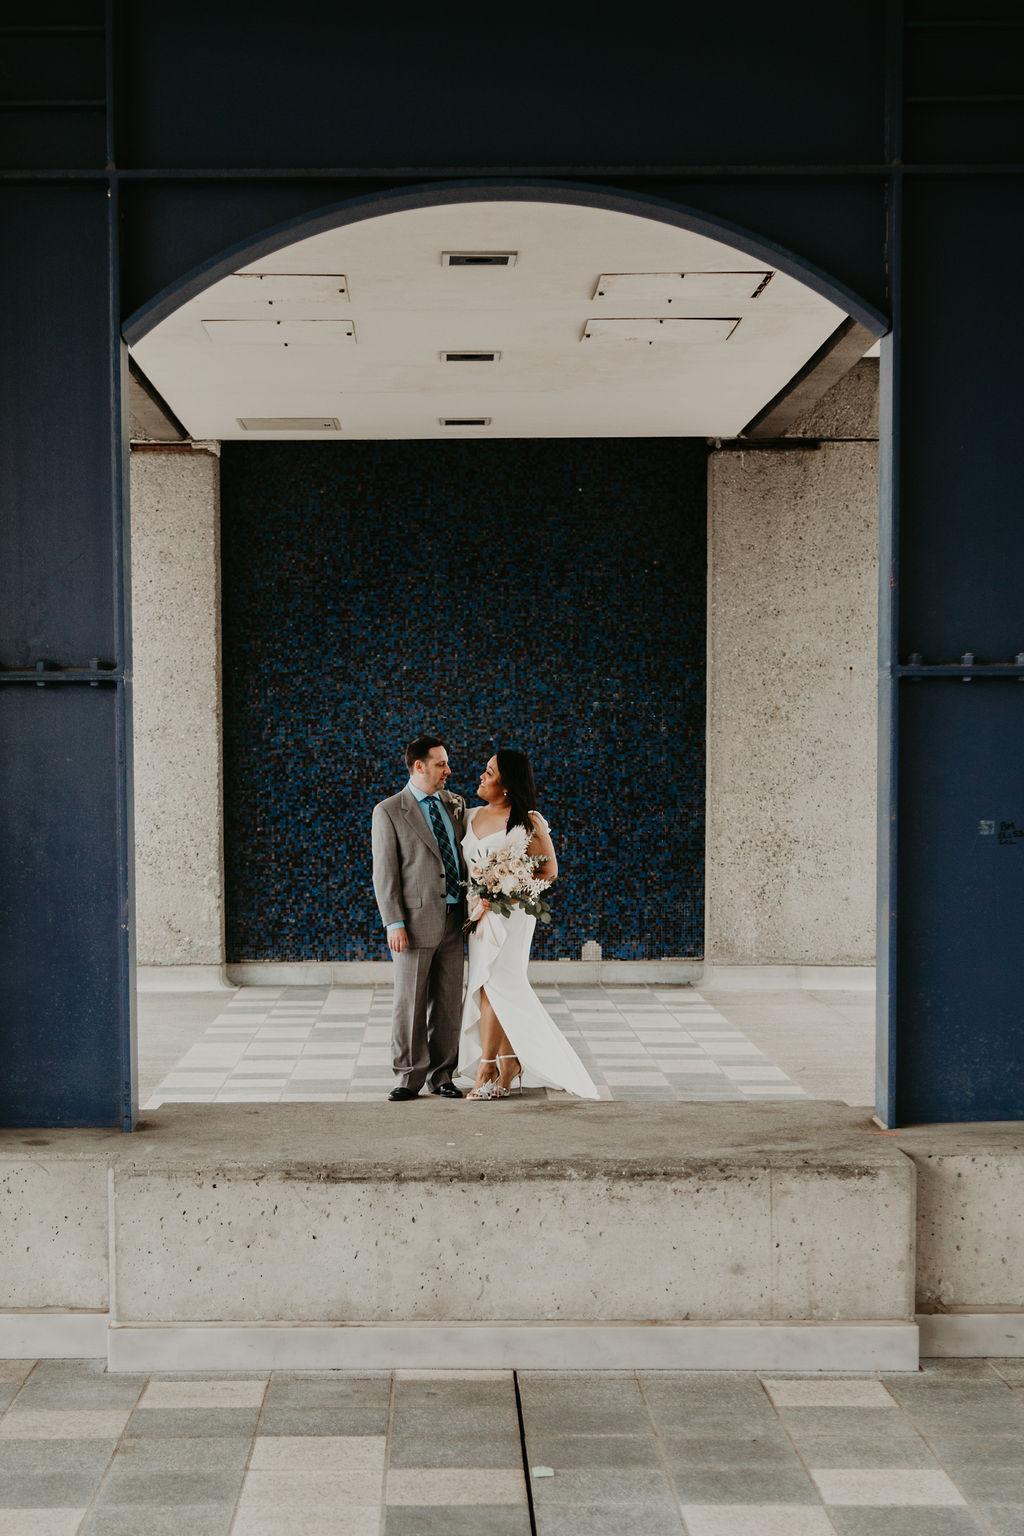 Vancouver wedding at SFU campus